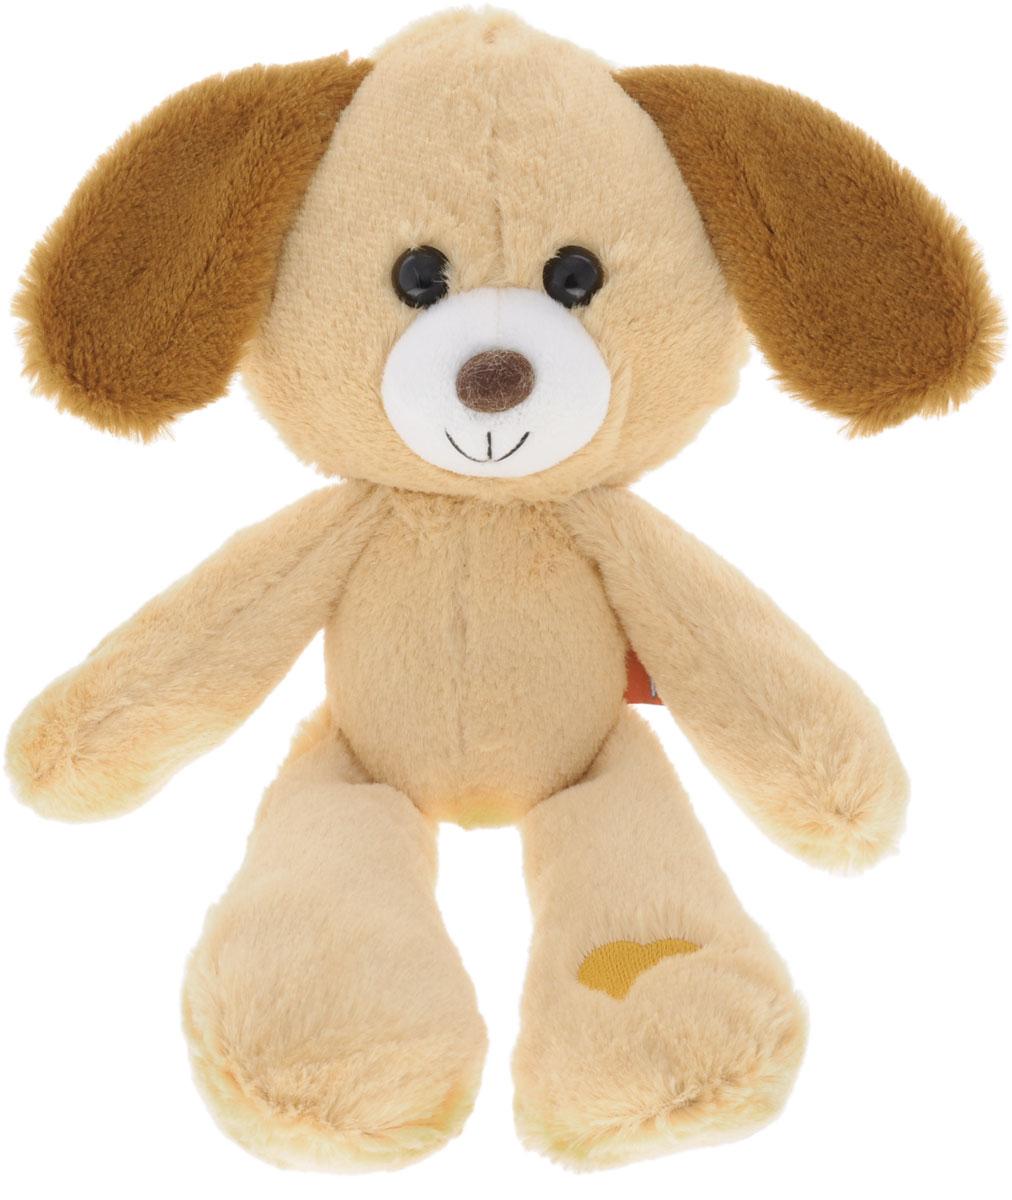 Fancy Мягкая игрушка Собачка Банди 28 см